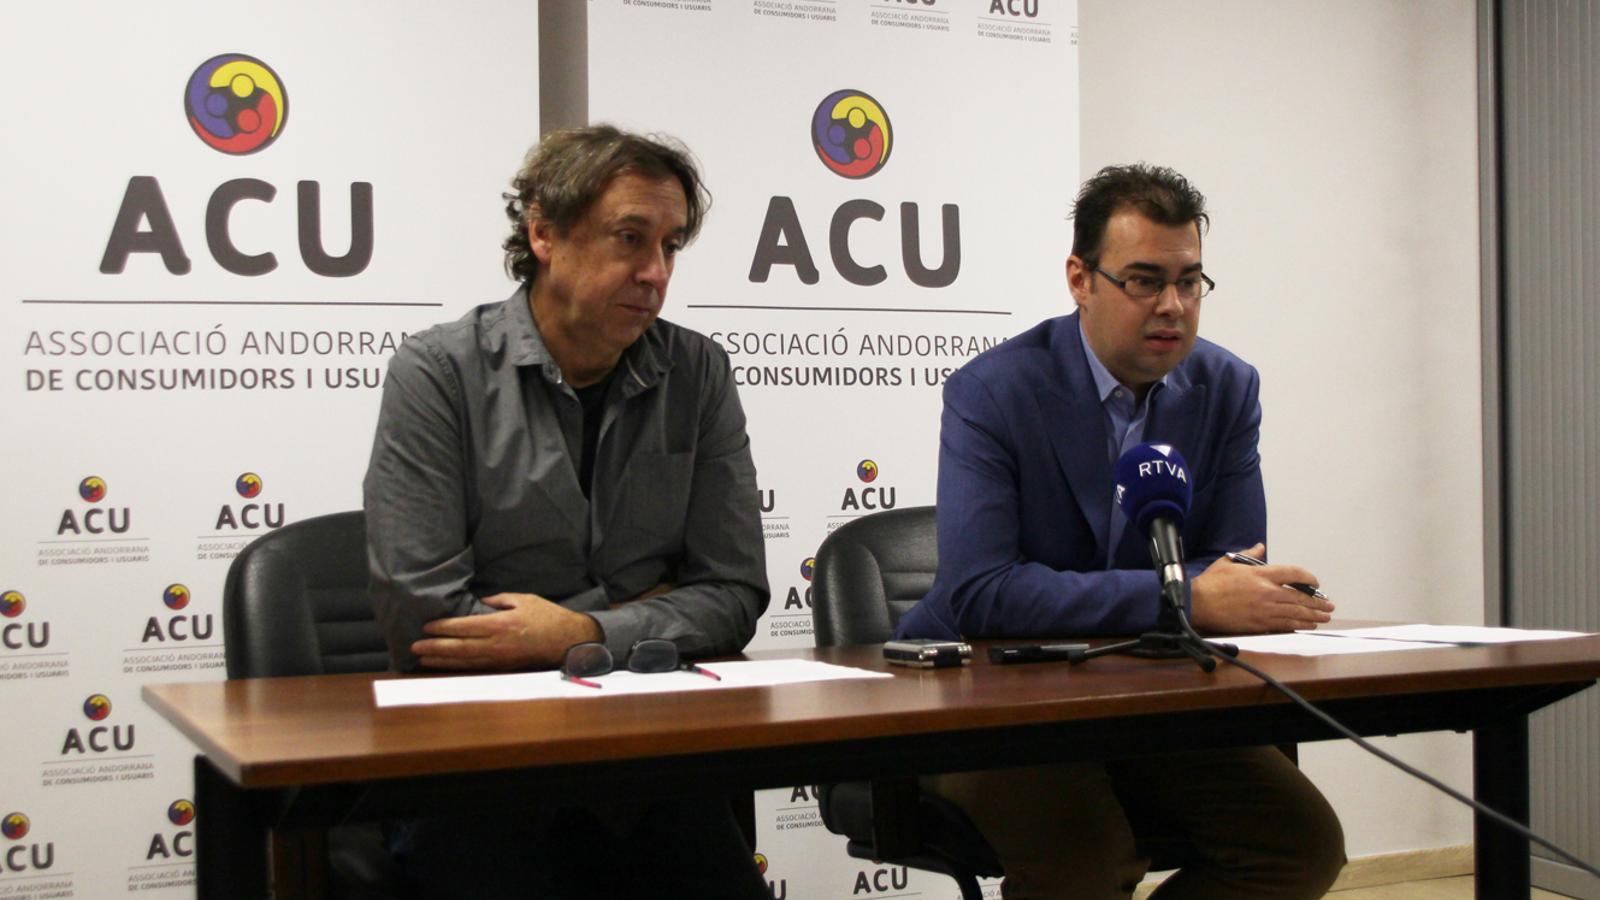 El president de l'ACU, Lluís Ferreira, durant la roda de premsa de presentació d'aquest dimecres. / M. P.